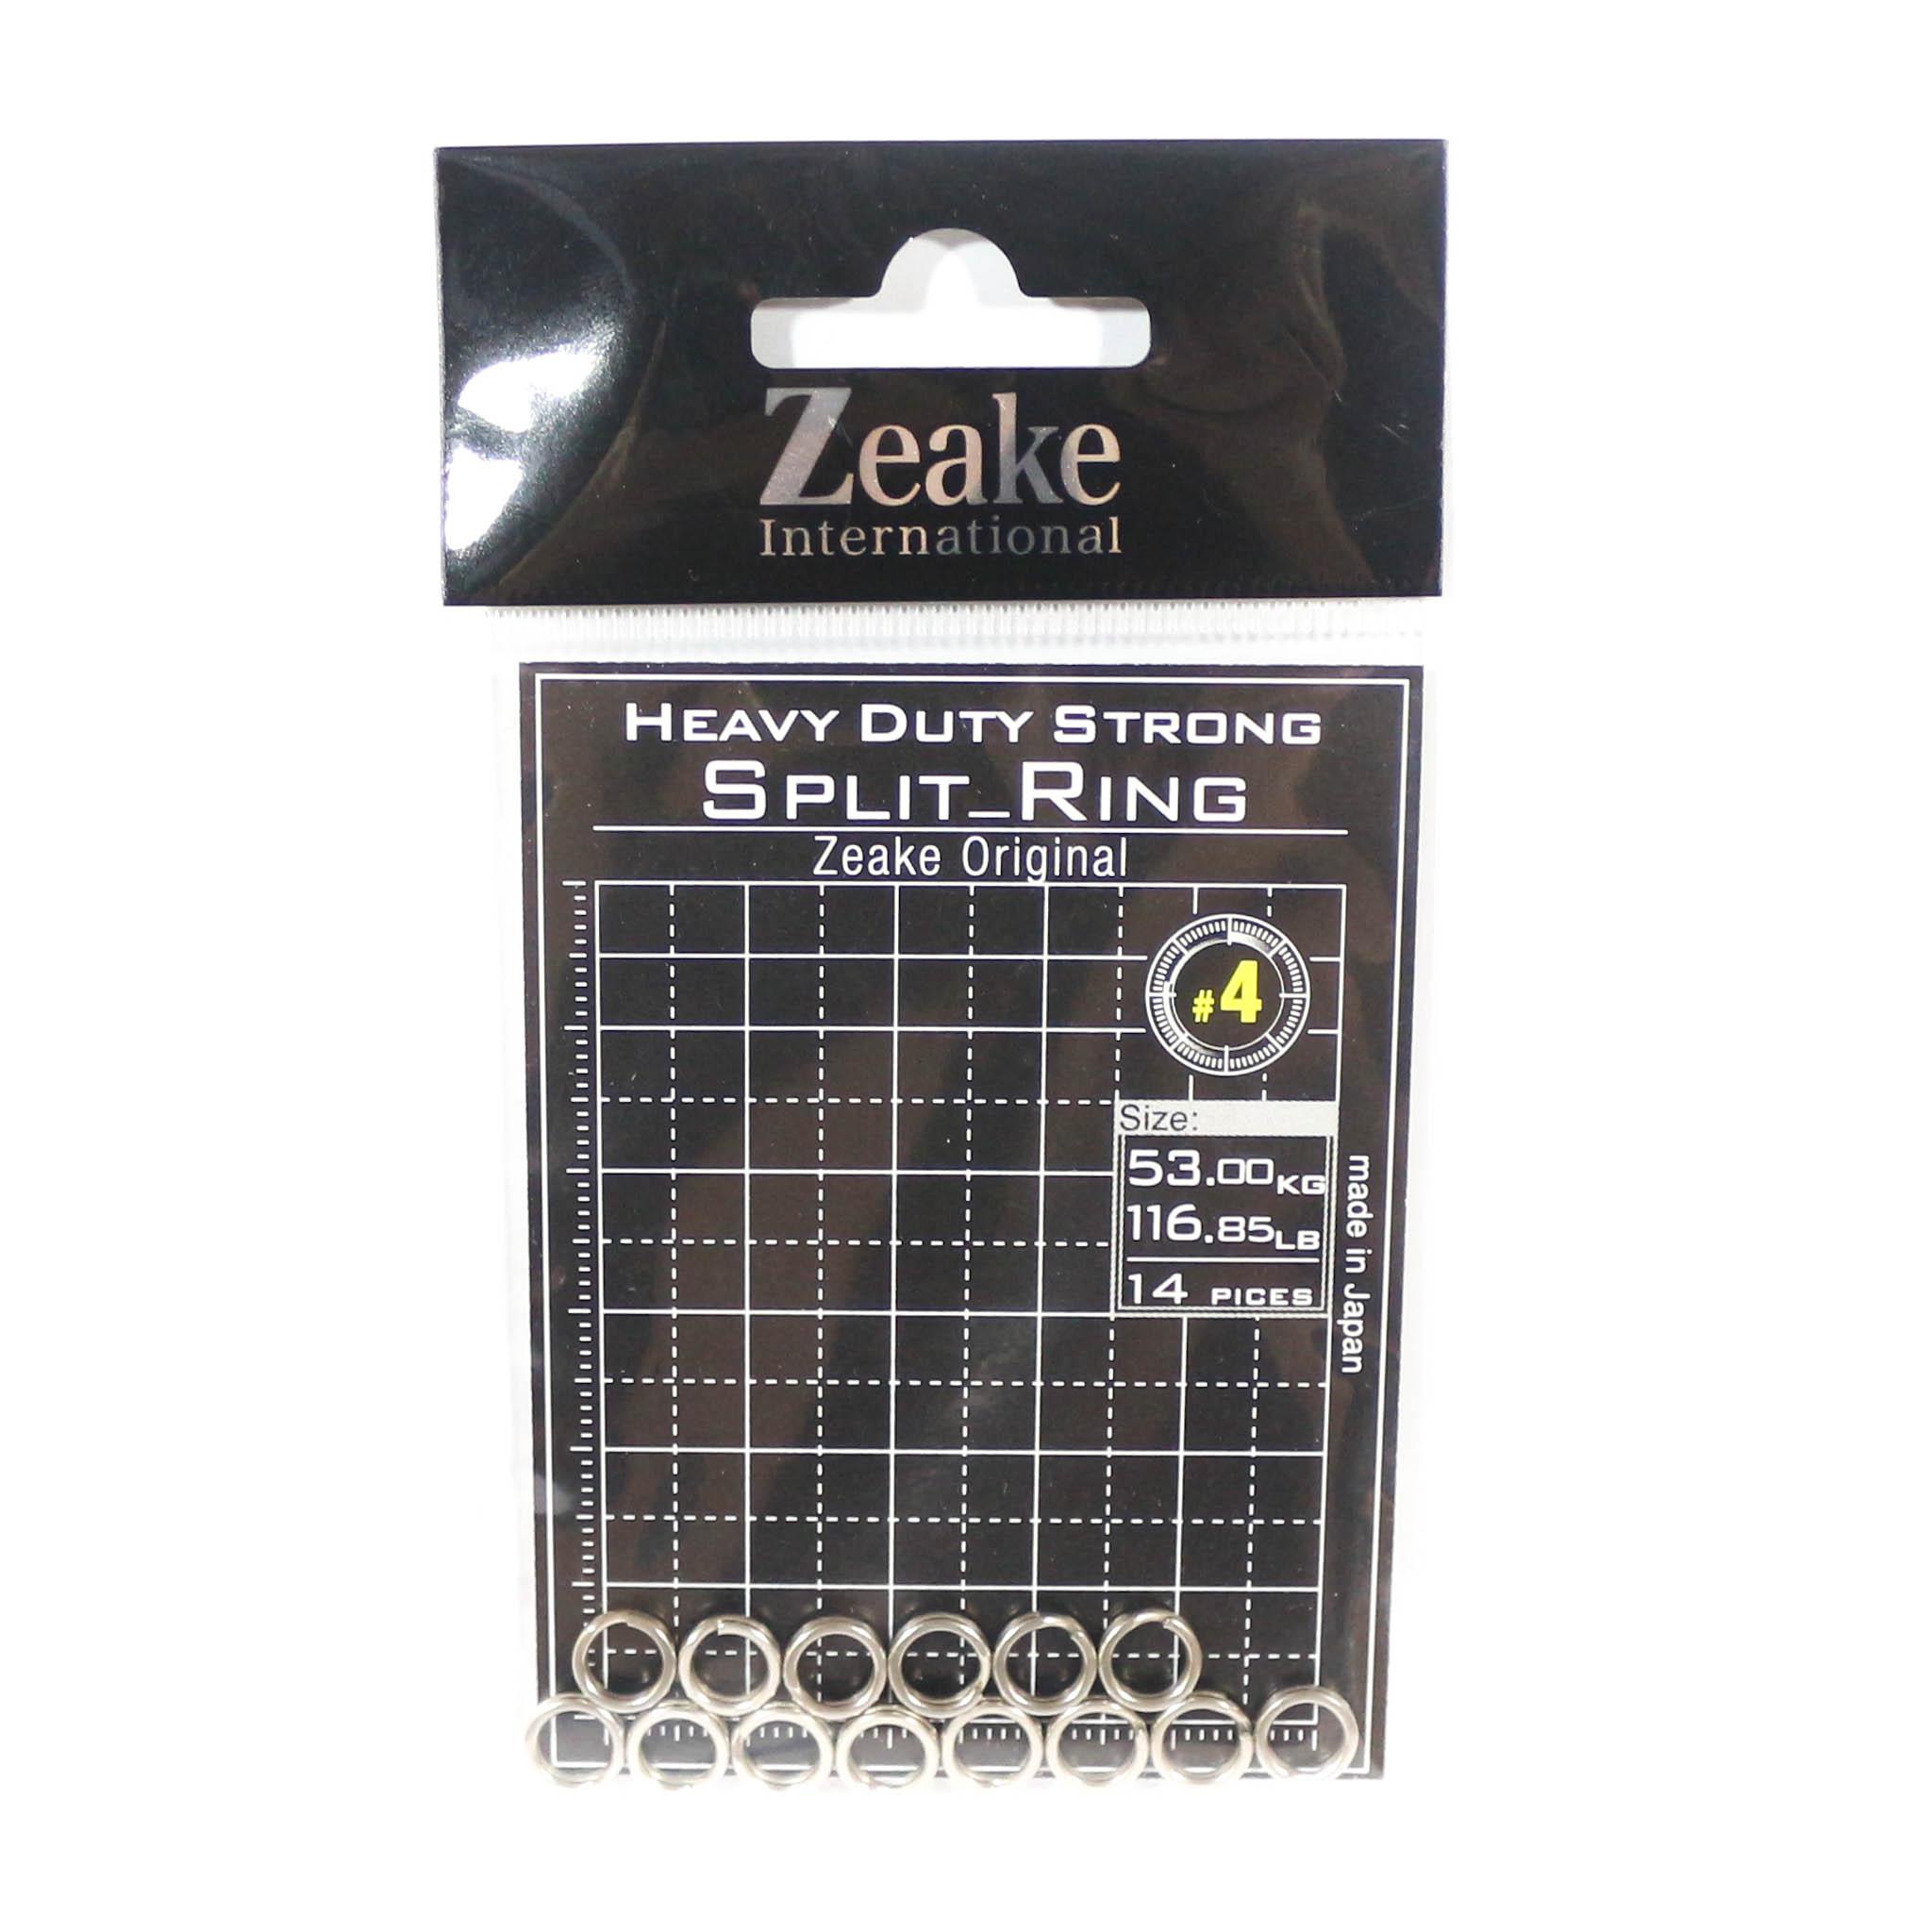 Zeake Split Rings Heavy Duty Size 4, 116.85lb - 14 rings 4 (3209)